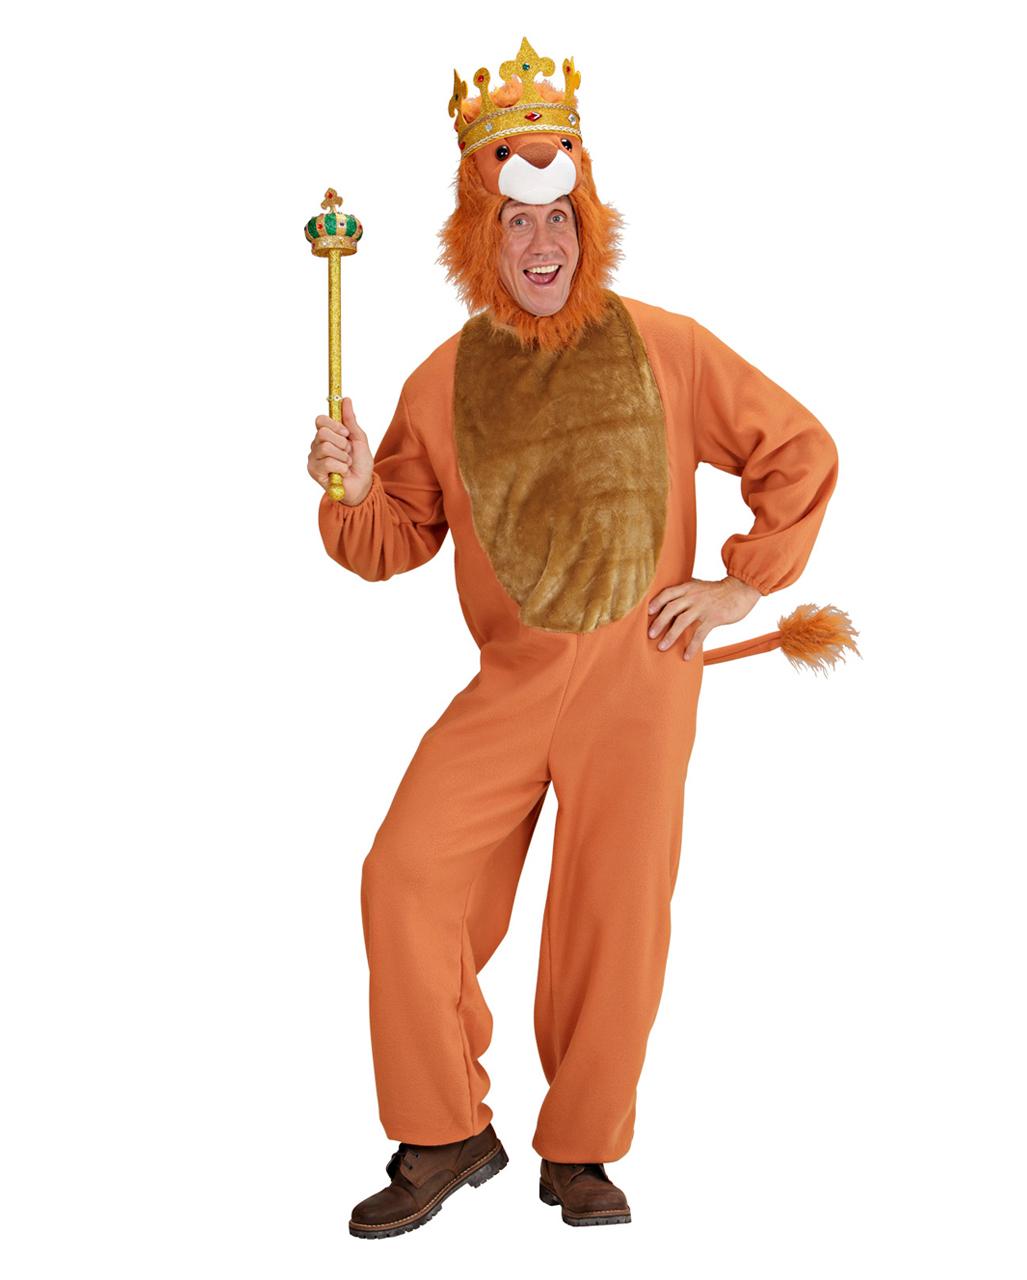 Badewanne Kostüm könig der löwen kostüm gr xl für fasching horror shop com